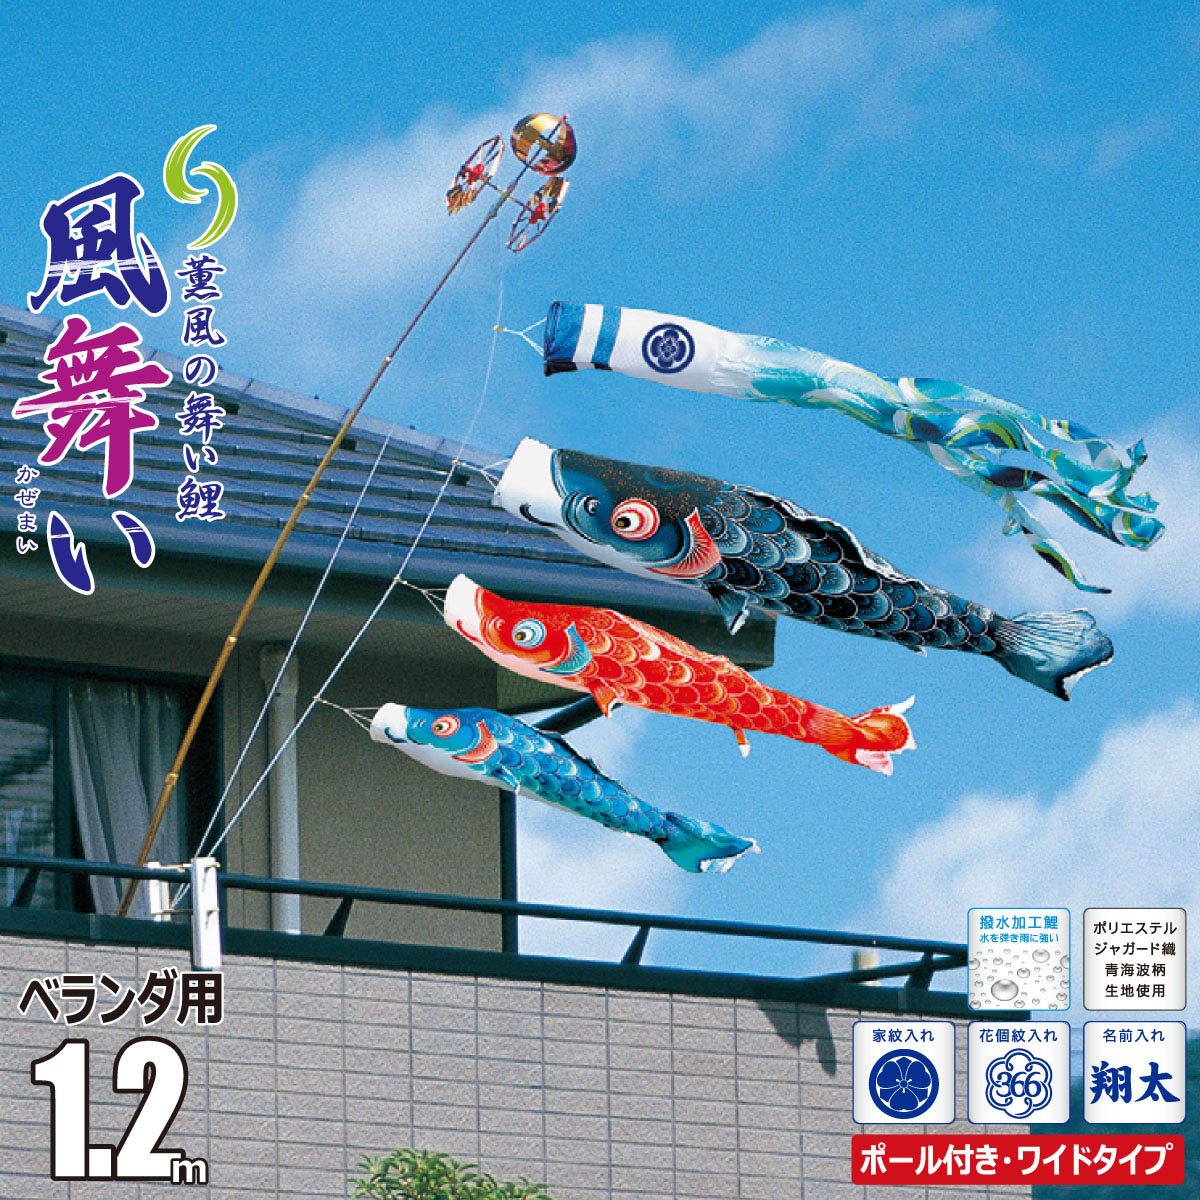 こいのぼり 1.2m 風舞い 6点 (矢車、ロープ、吹流し、鯉3匹) ベランダ用 スーパーロイヤルセット (ベランダ用 取付金具付き) 徳永鯉のぼり KIT-121-202